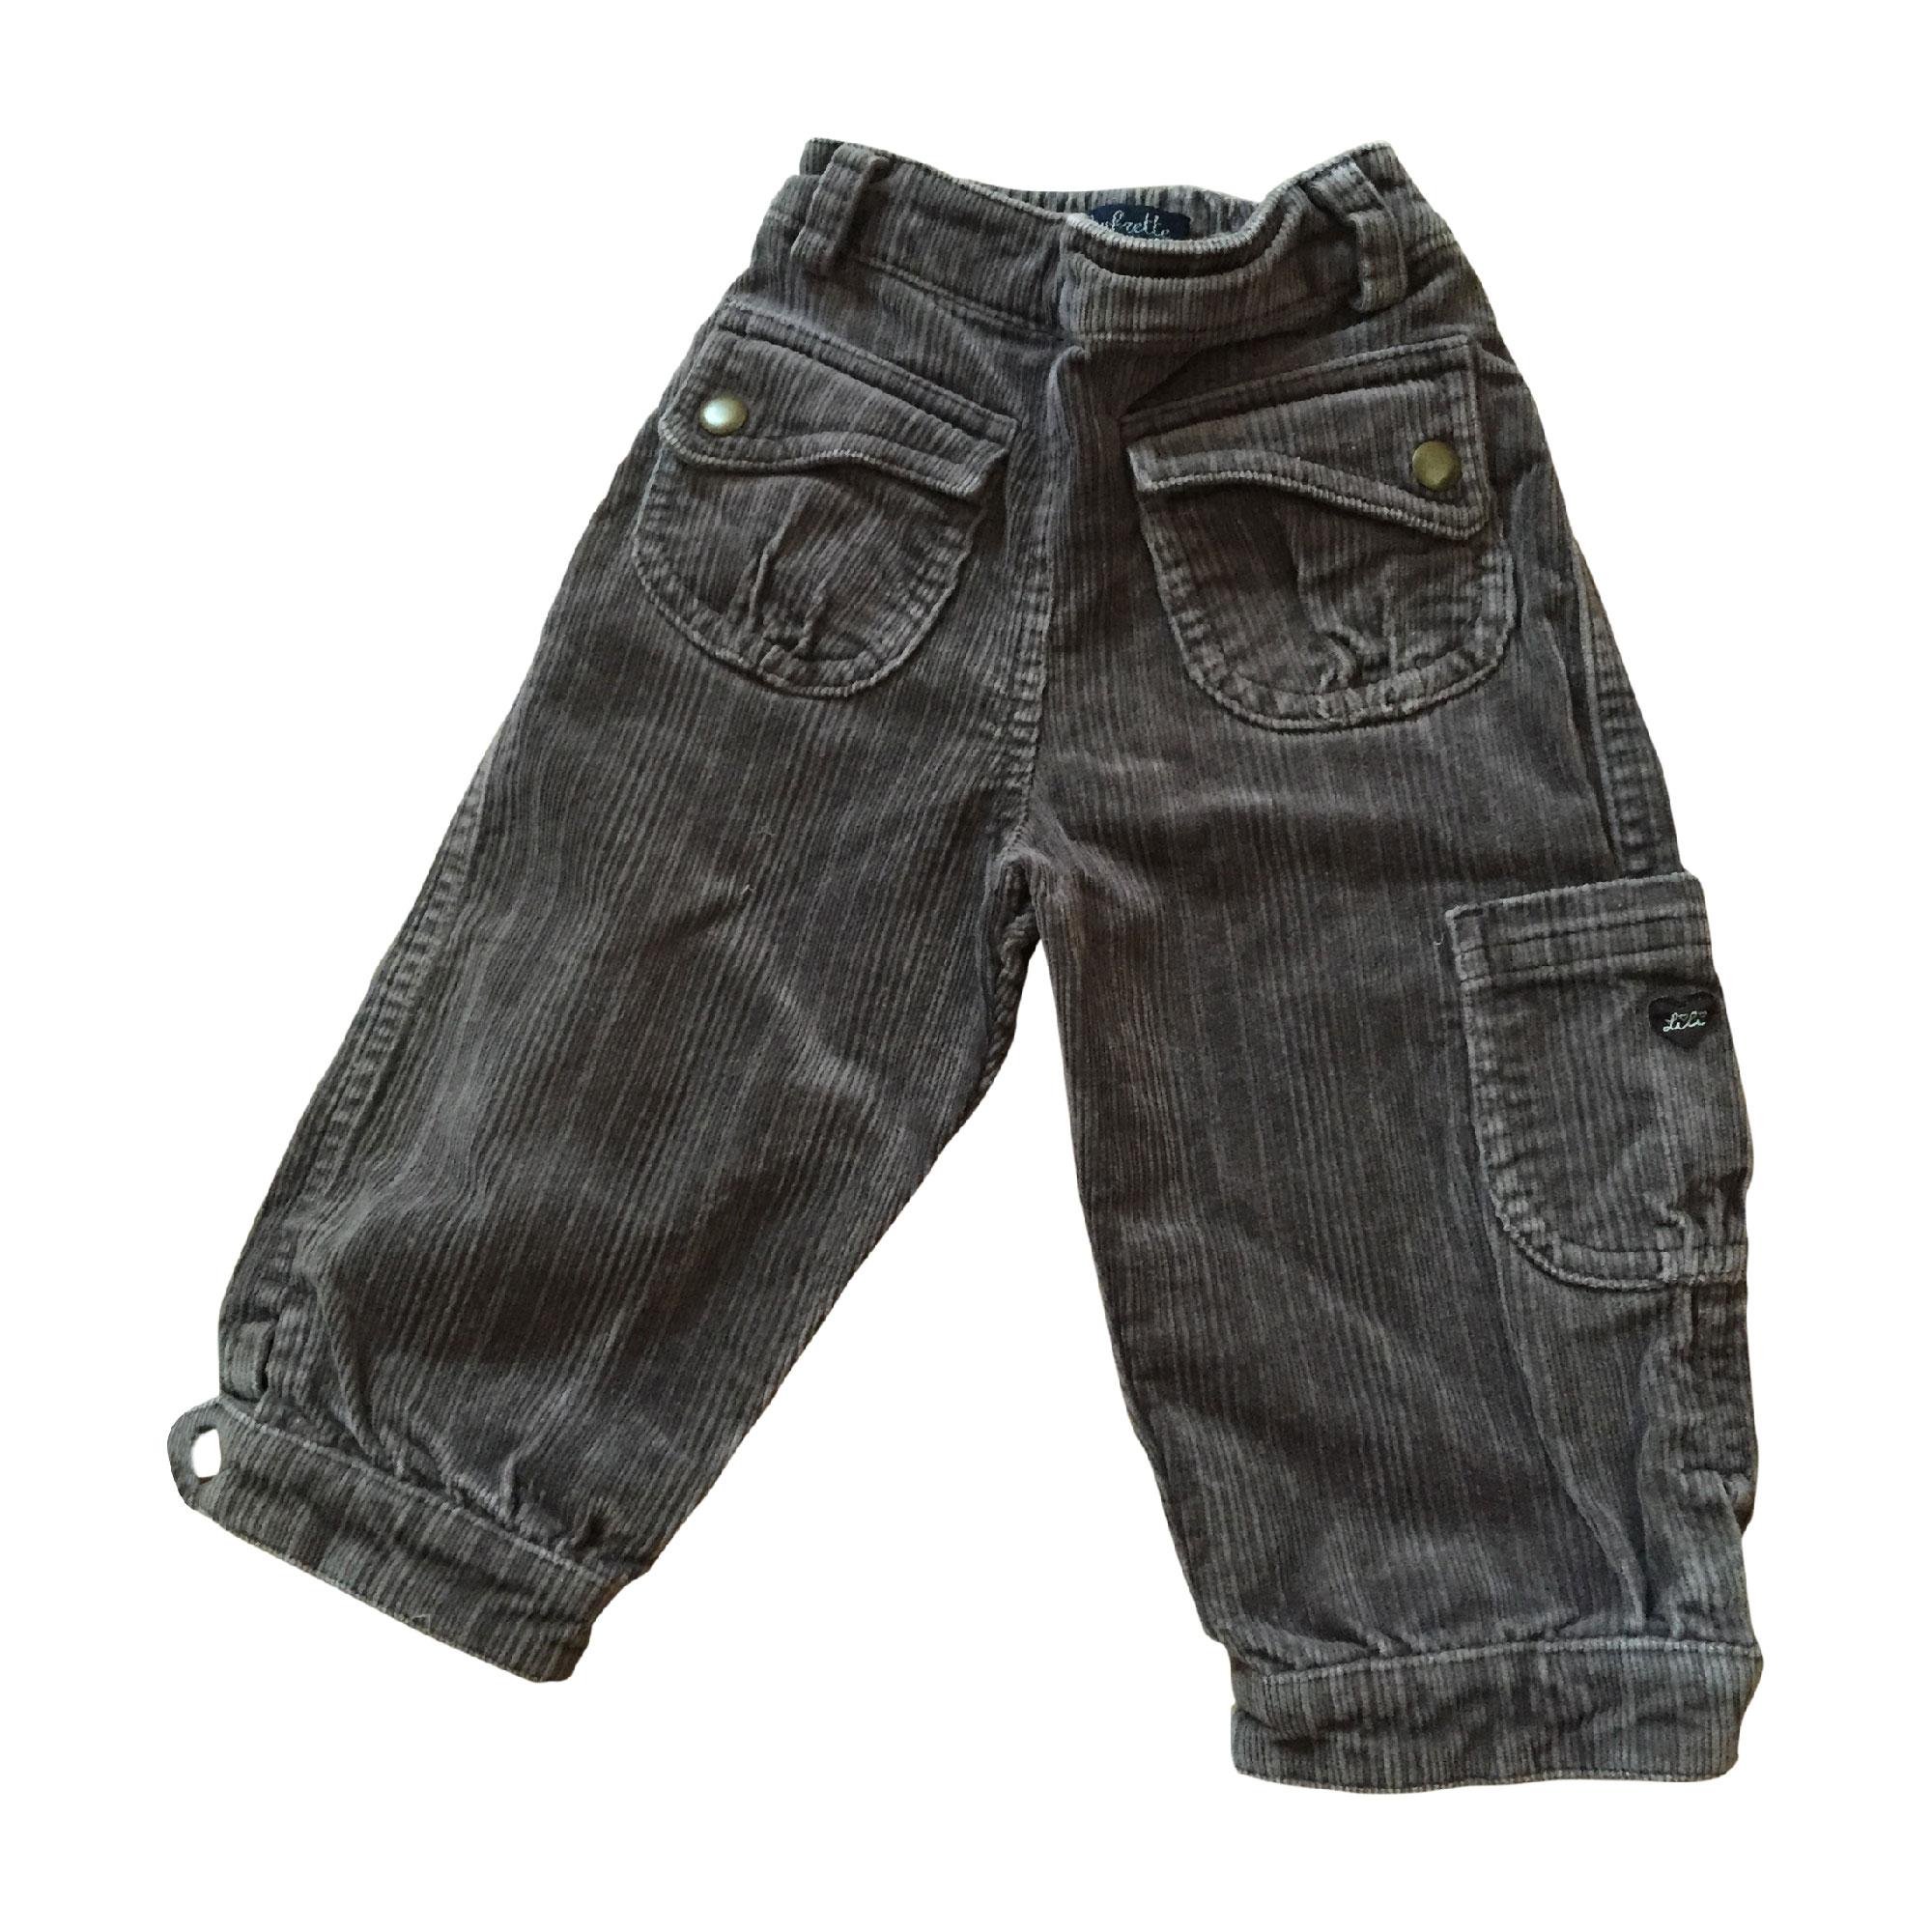 Pantalon LILI GAUFRETTE Gris, anthracite